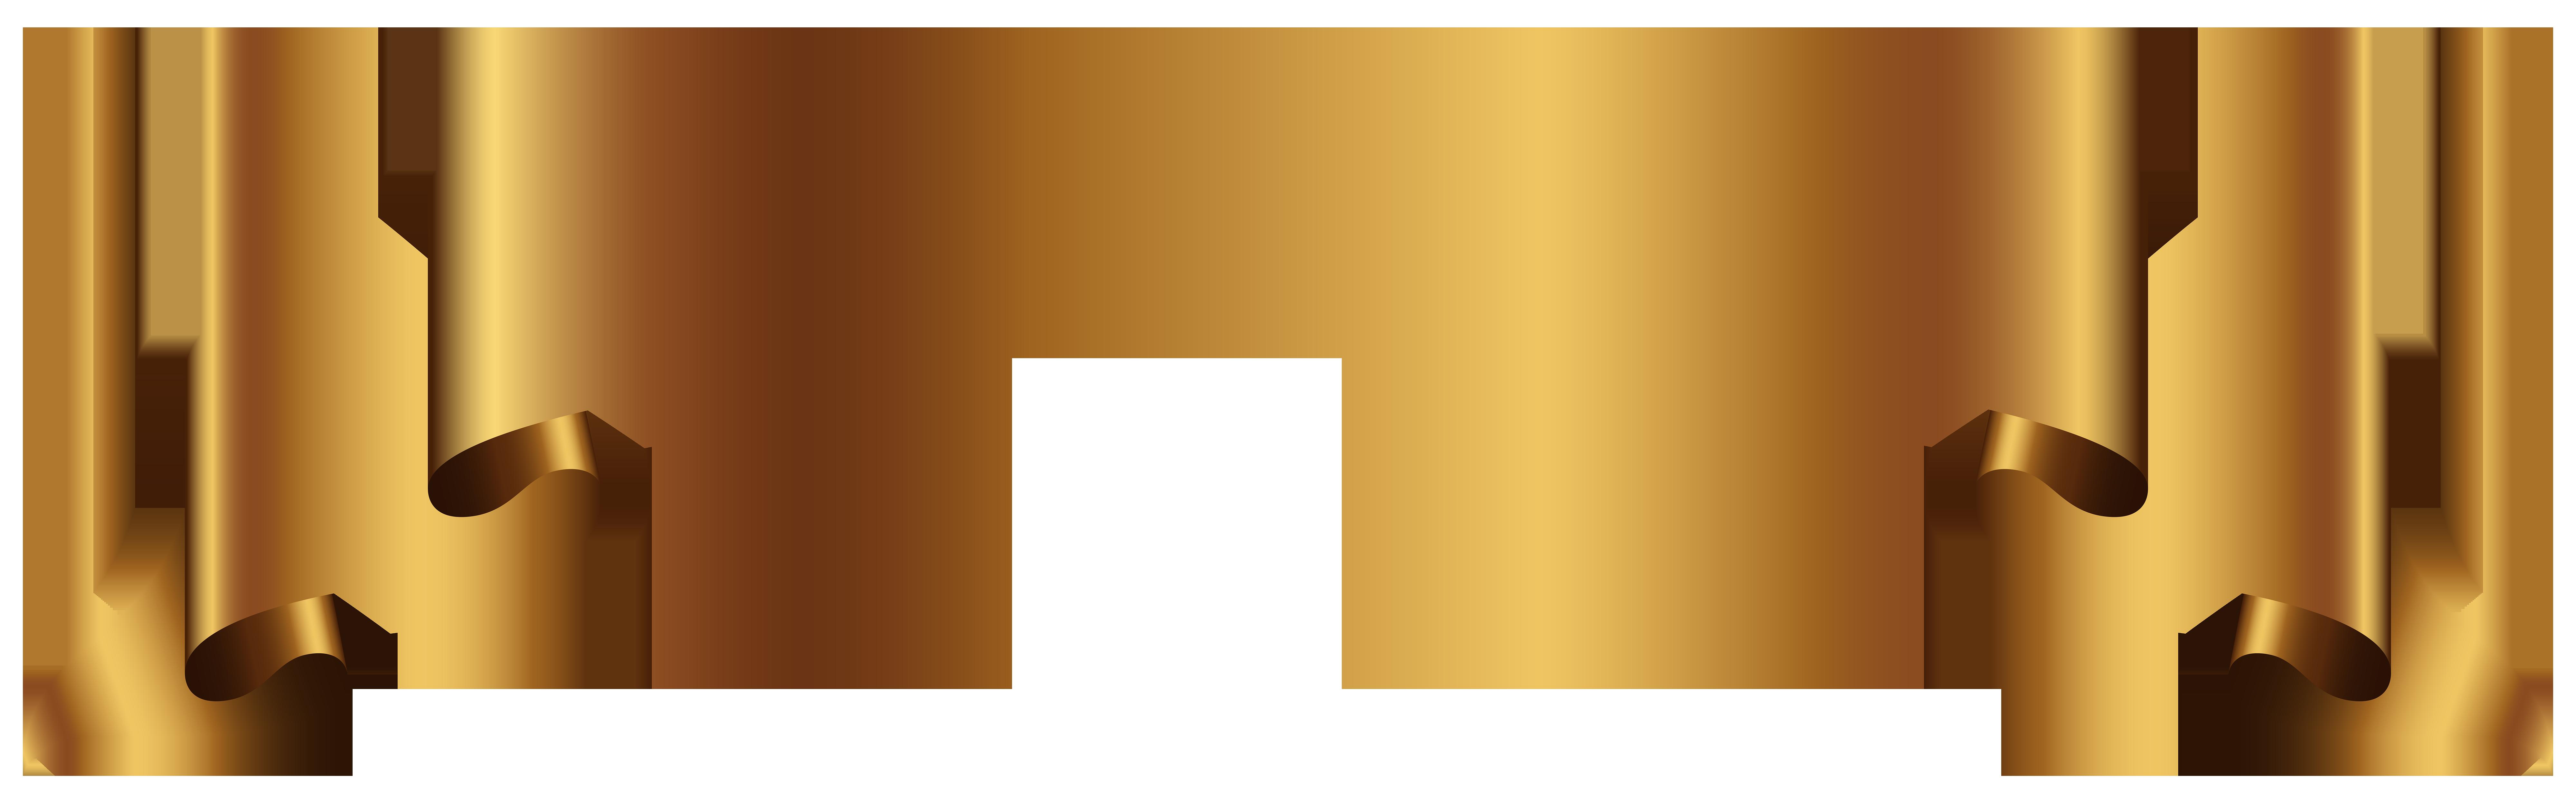 Gold Banner Transparent Png Clip Art Image Canecas Toppers De Bolo Planos De Fundo